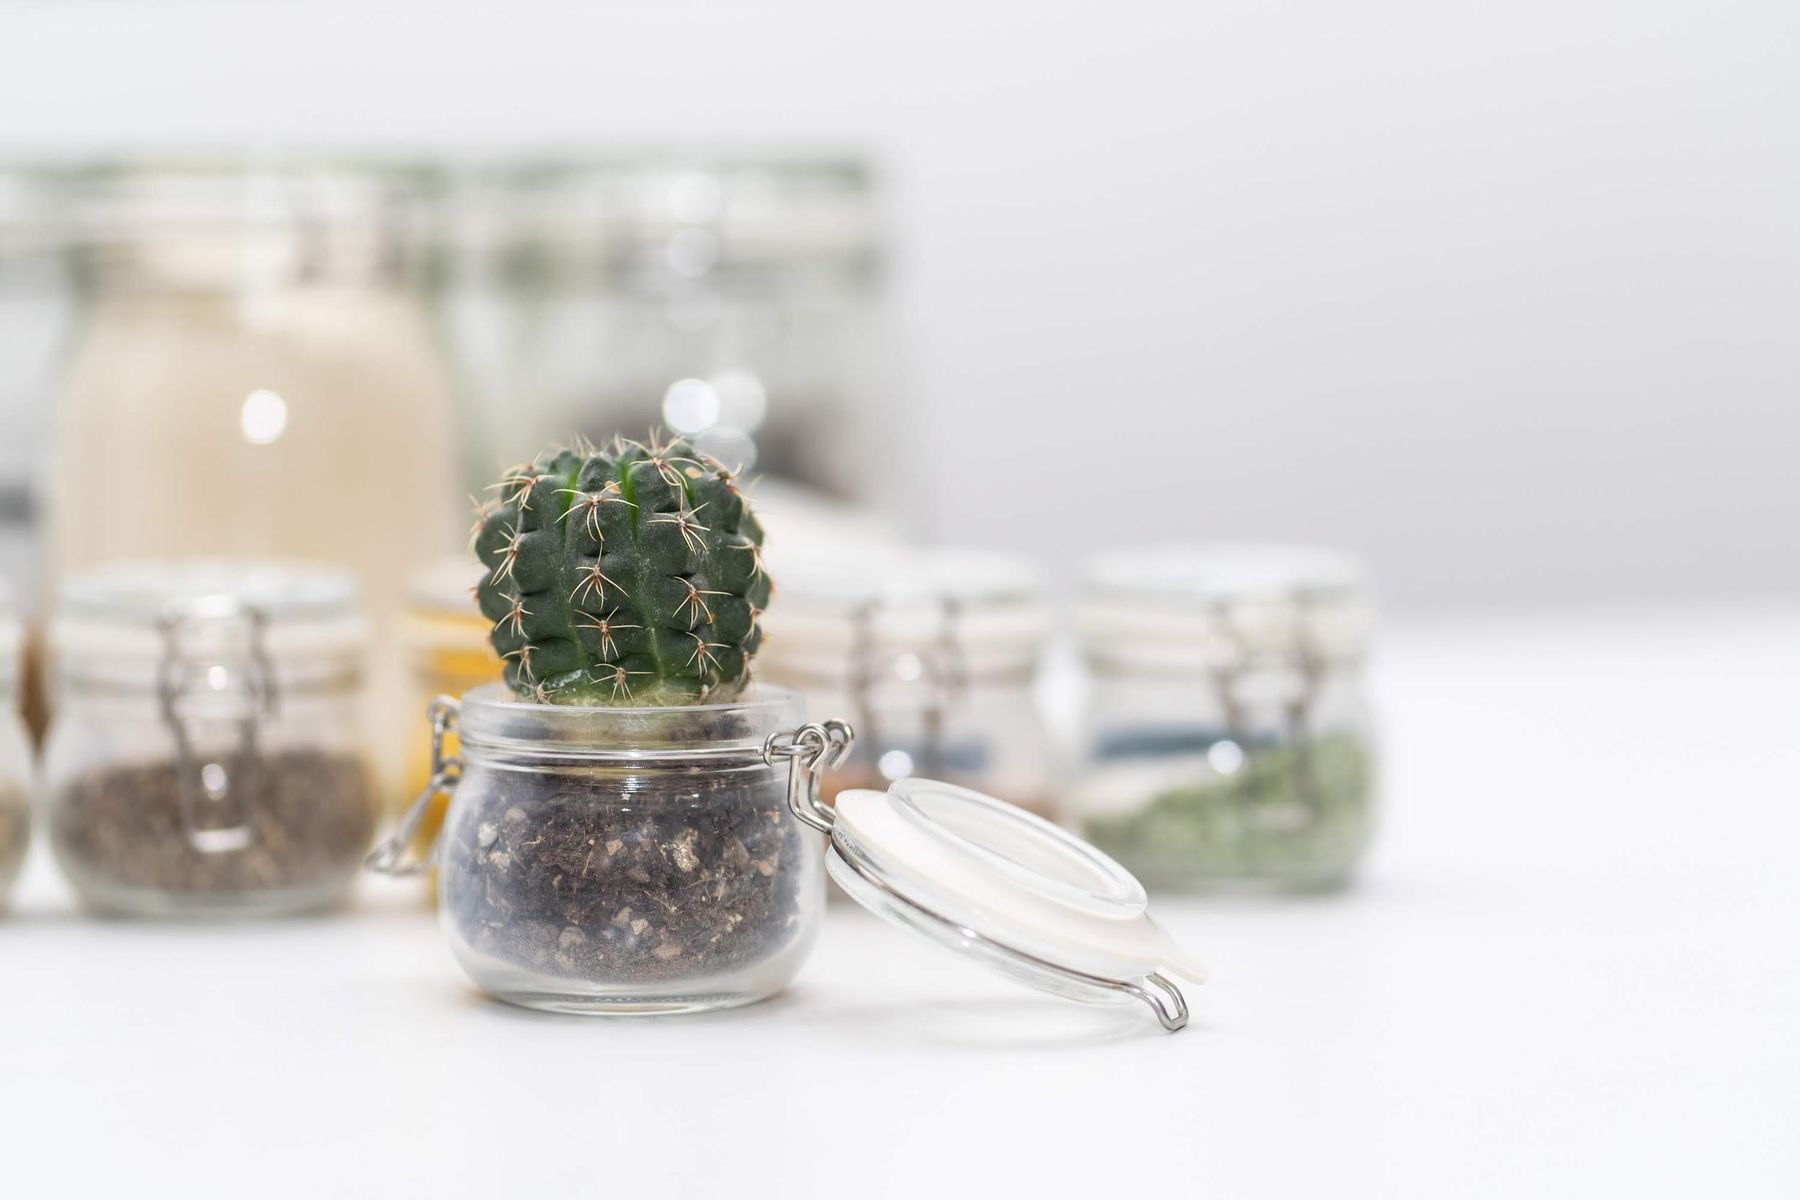 muda de cacto em um vaso de vidro transparente